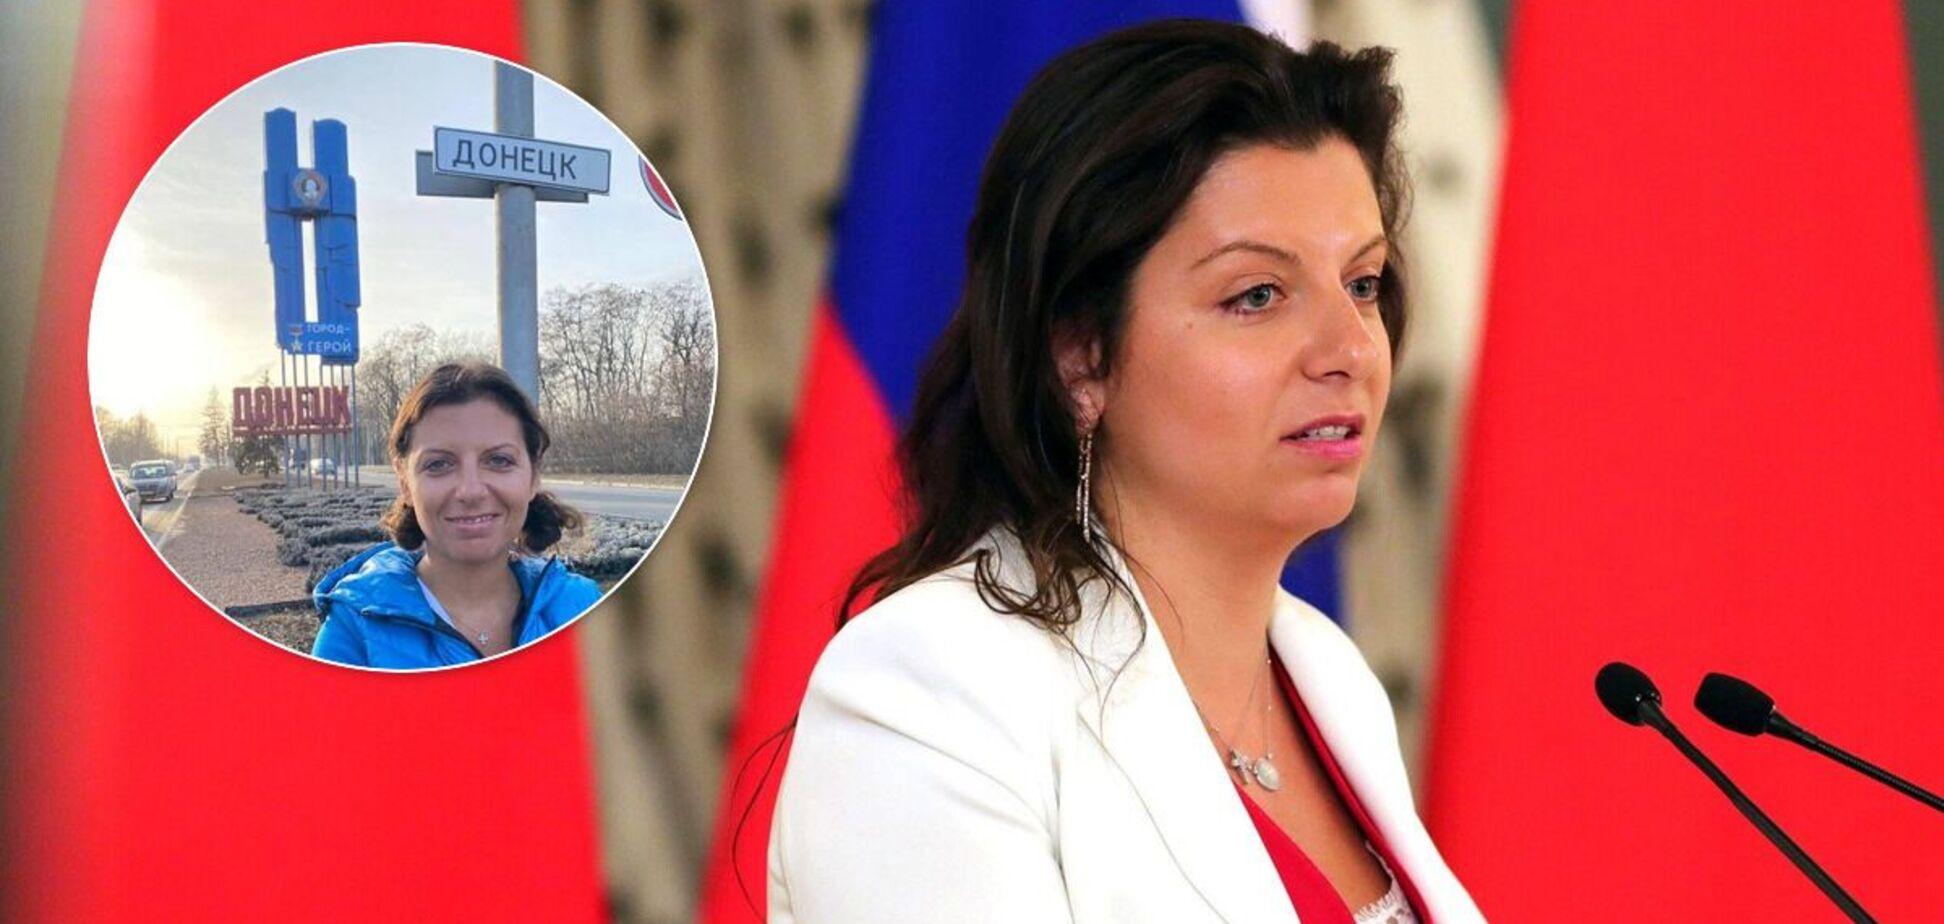 Маргарита Симоньян приїхала в 'ДНР'